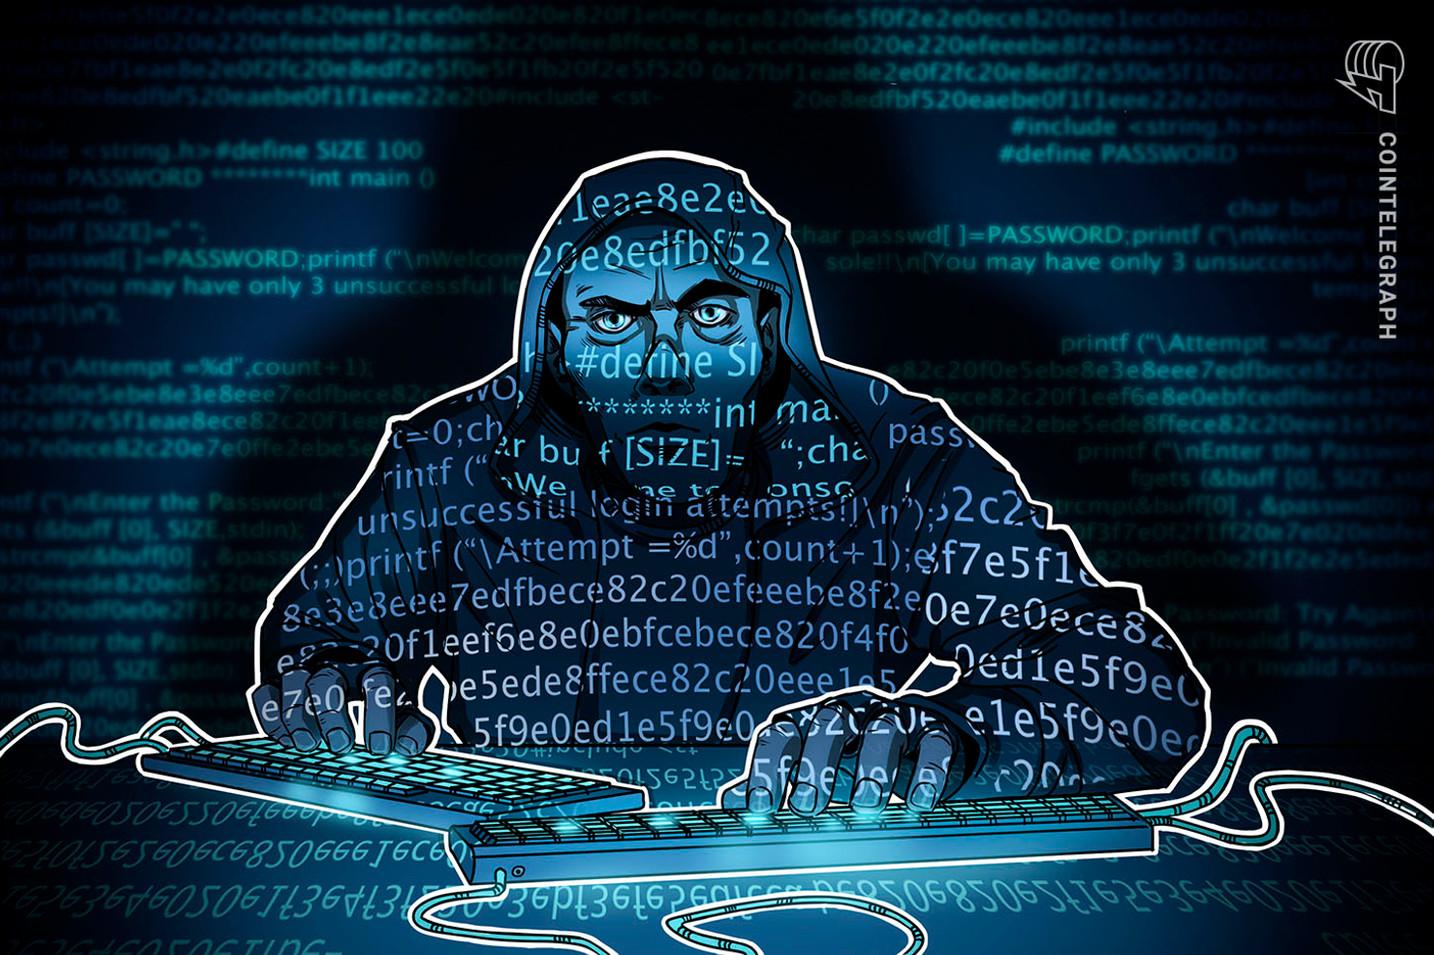 仮想通貨交換業者にログインを試みる攻撃の恐れ、自主規制団体などが注意喚起【ニュース】